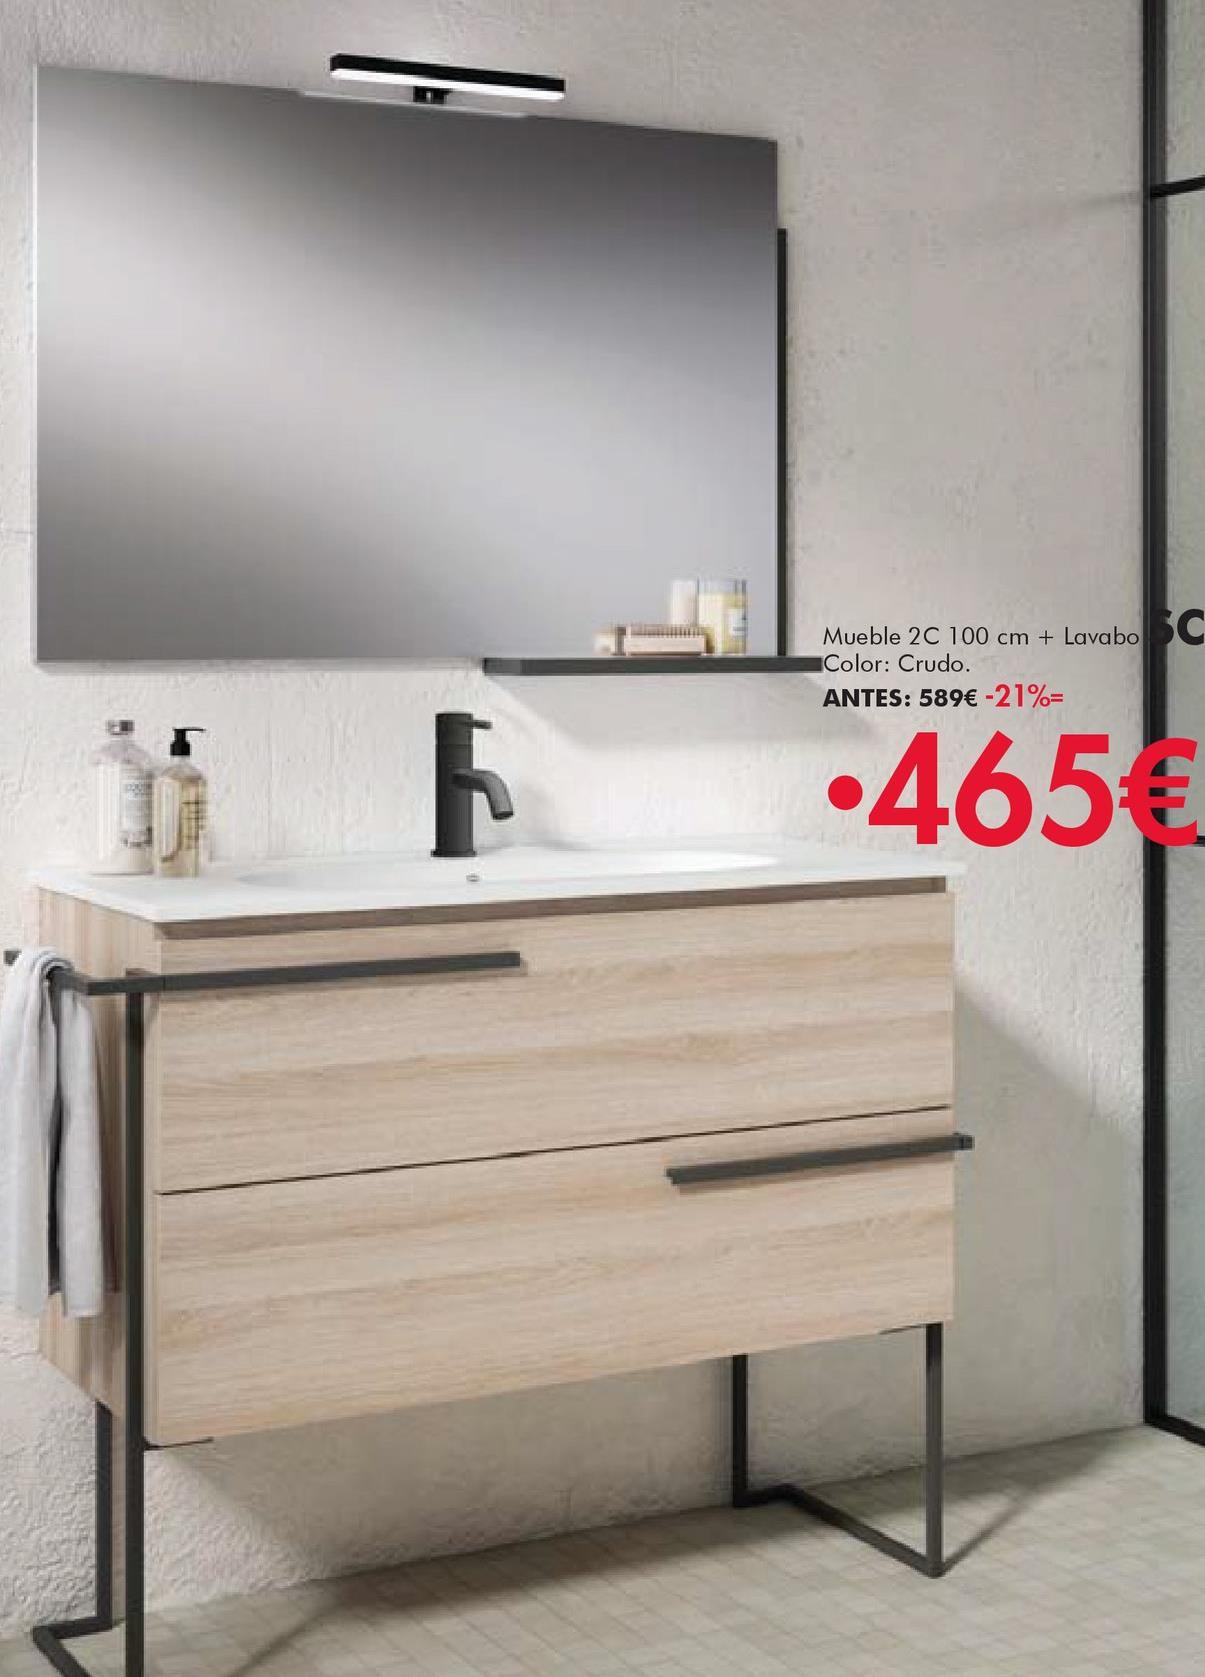 Comprar Cuarto de baño | Ofertas y promociones